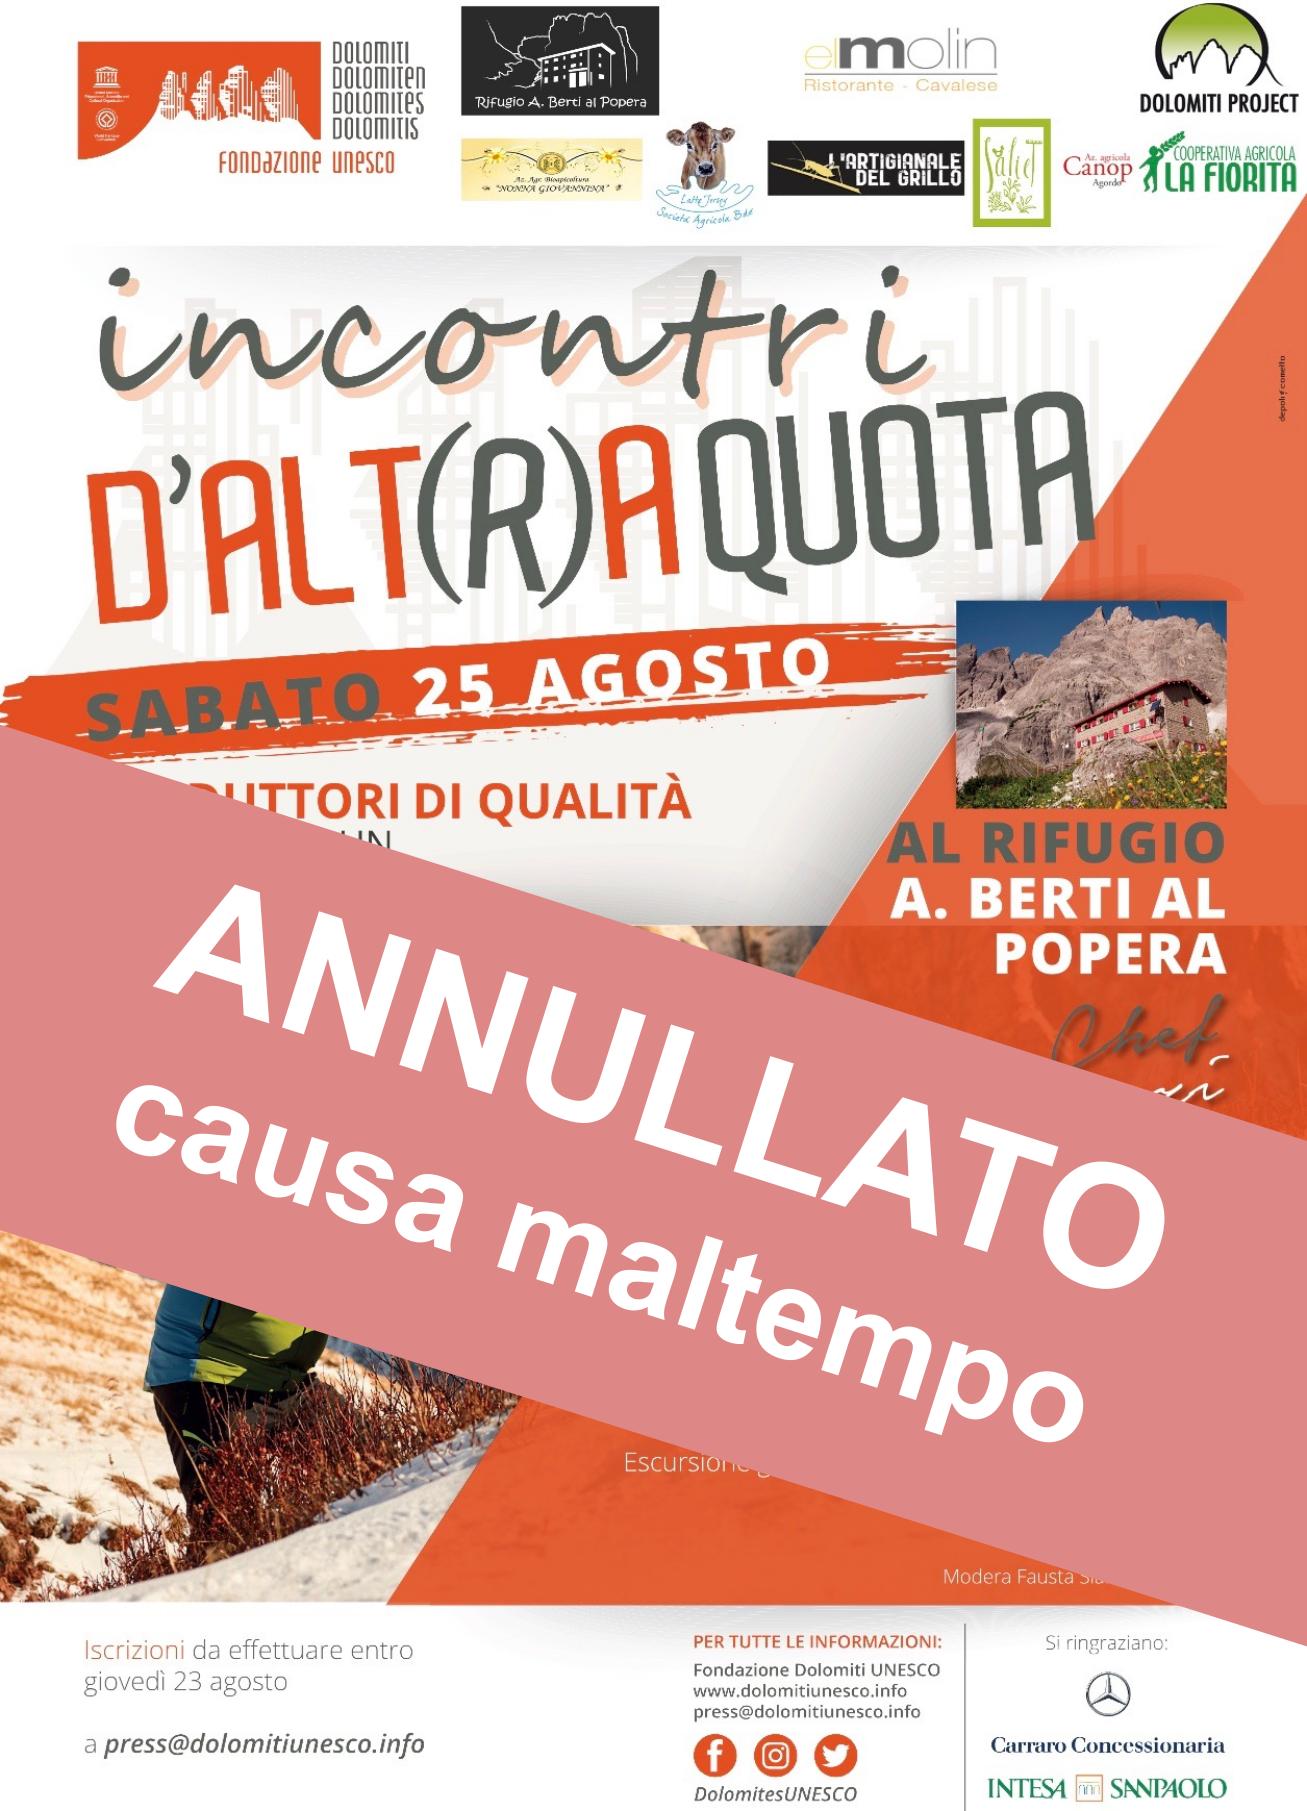 locandina_rifugio_berti_25agosto_ANNULLATO(1)